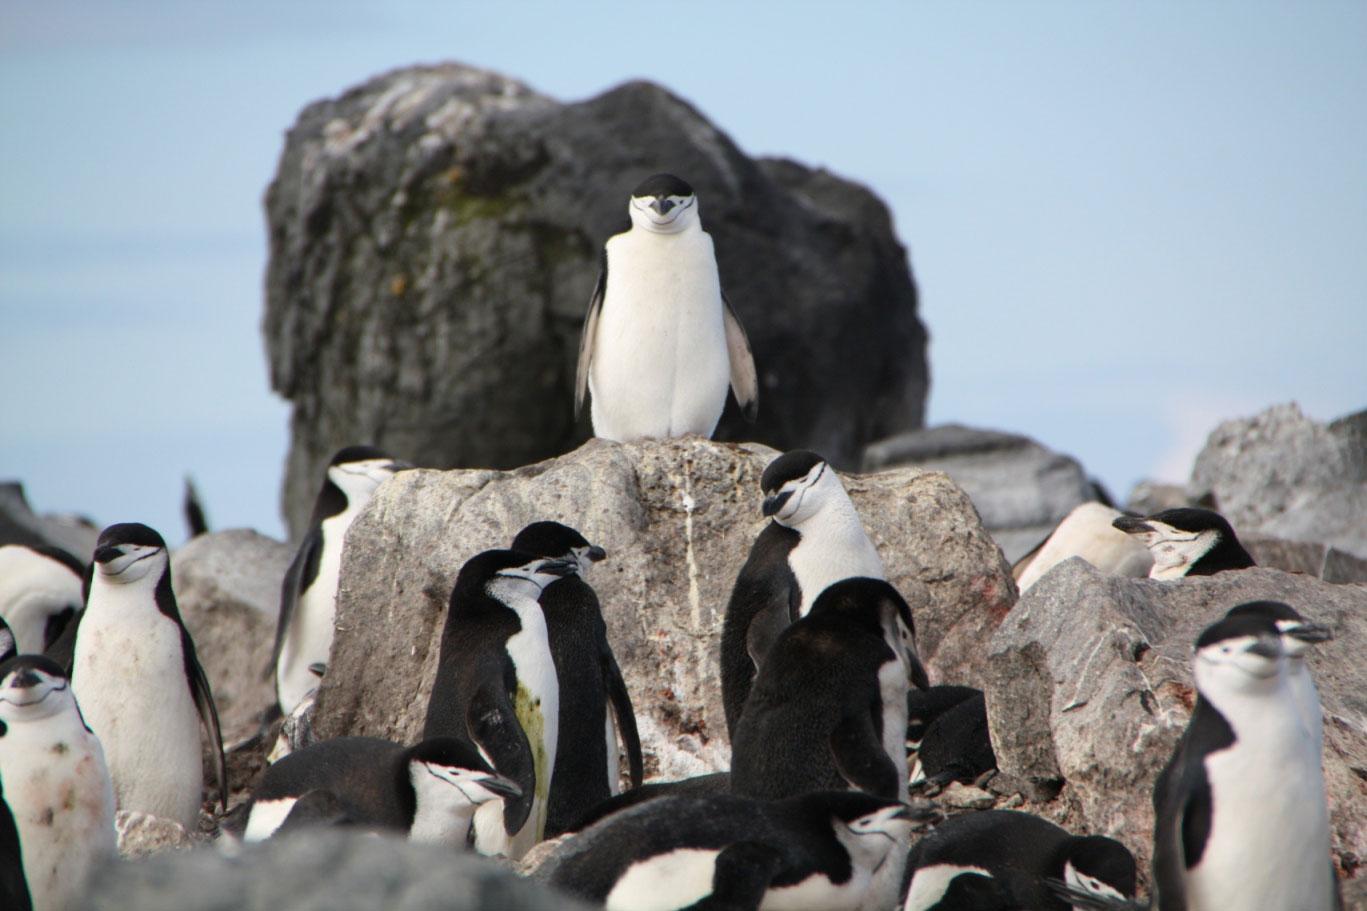 Прикольные и красивые картинки пингвинов - подборка 25 фото 15